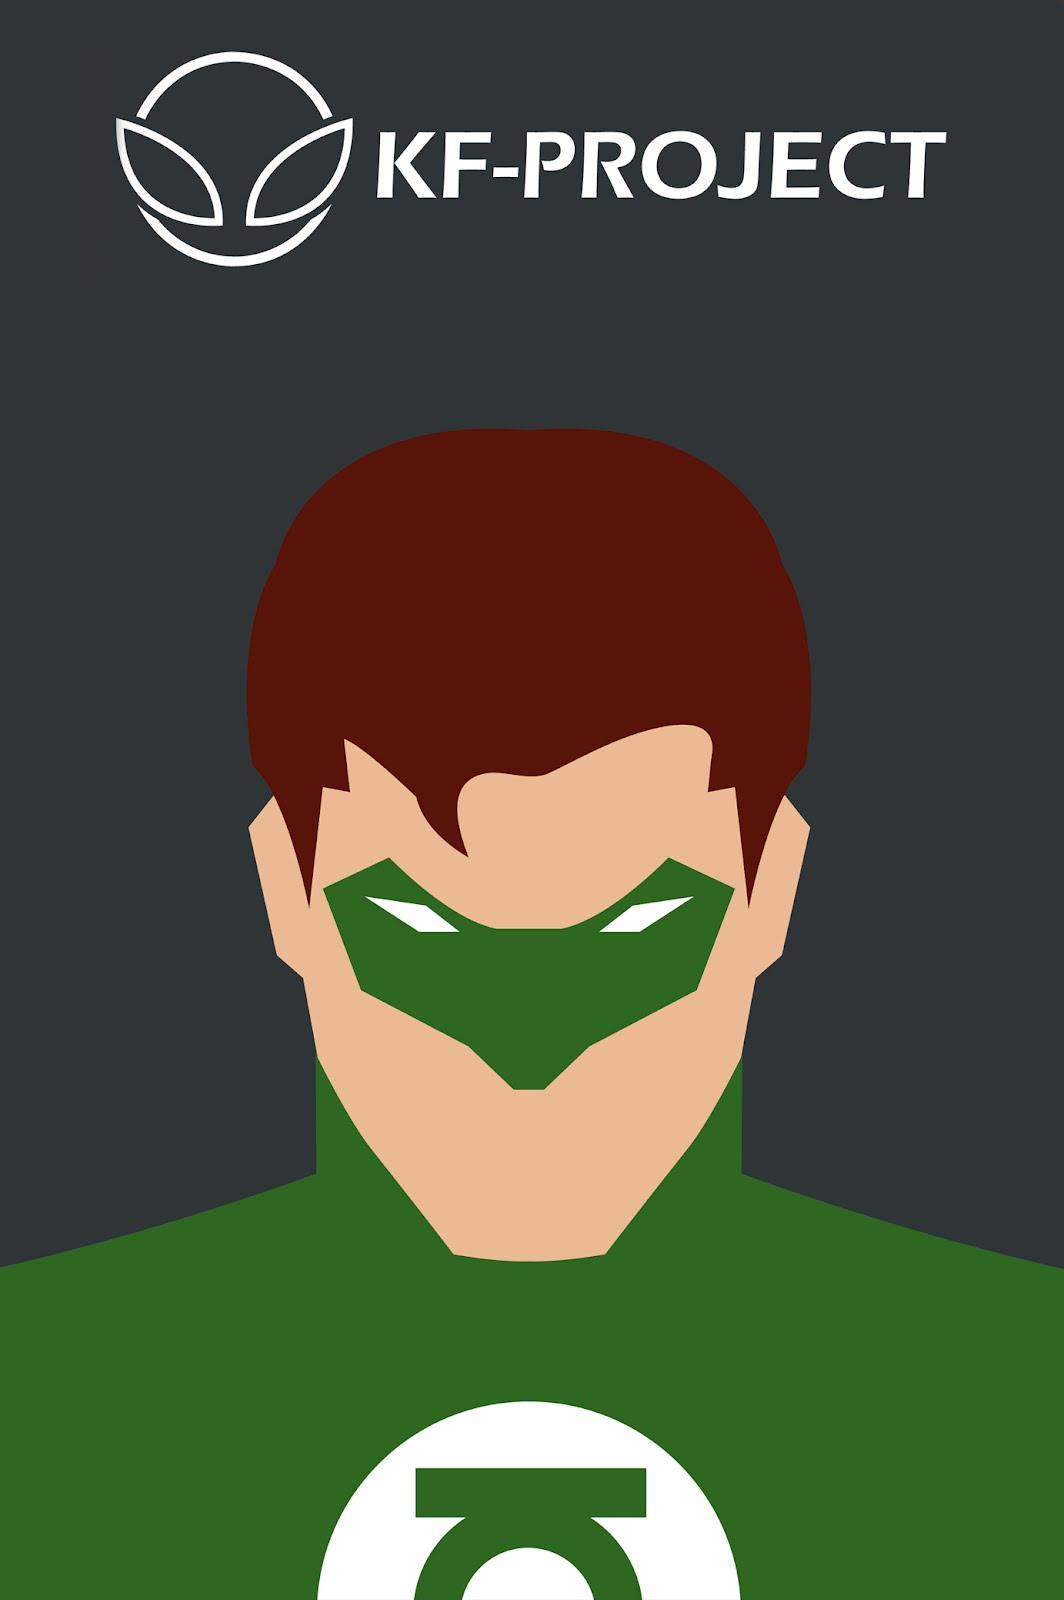 http://2.bp.blogspot.com/-bVPXOy0PuHQ/UAJWOHvFgLI/AAAAAAAABWY/fK3Bd-X3orA/s1600/Green%2BLantern%2BWallpaper%2BiPod%2BRGB.jpg